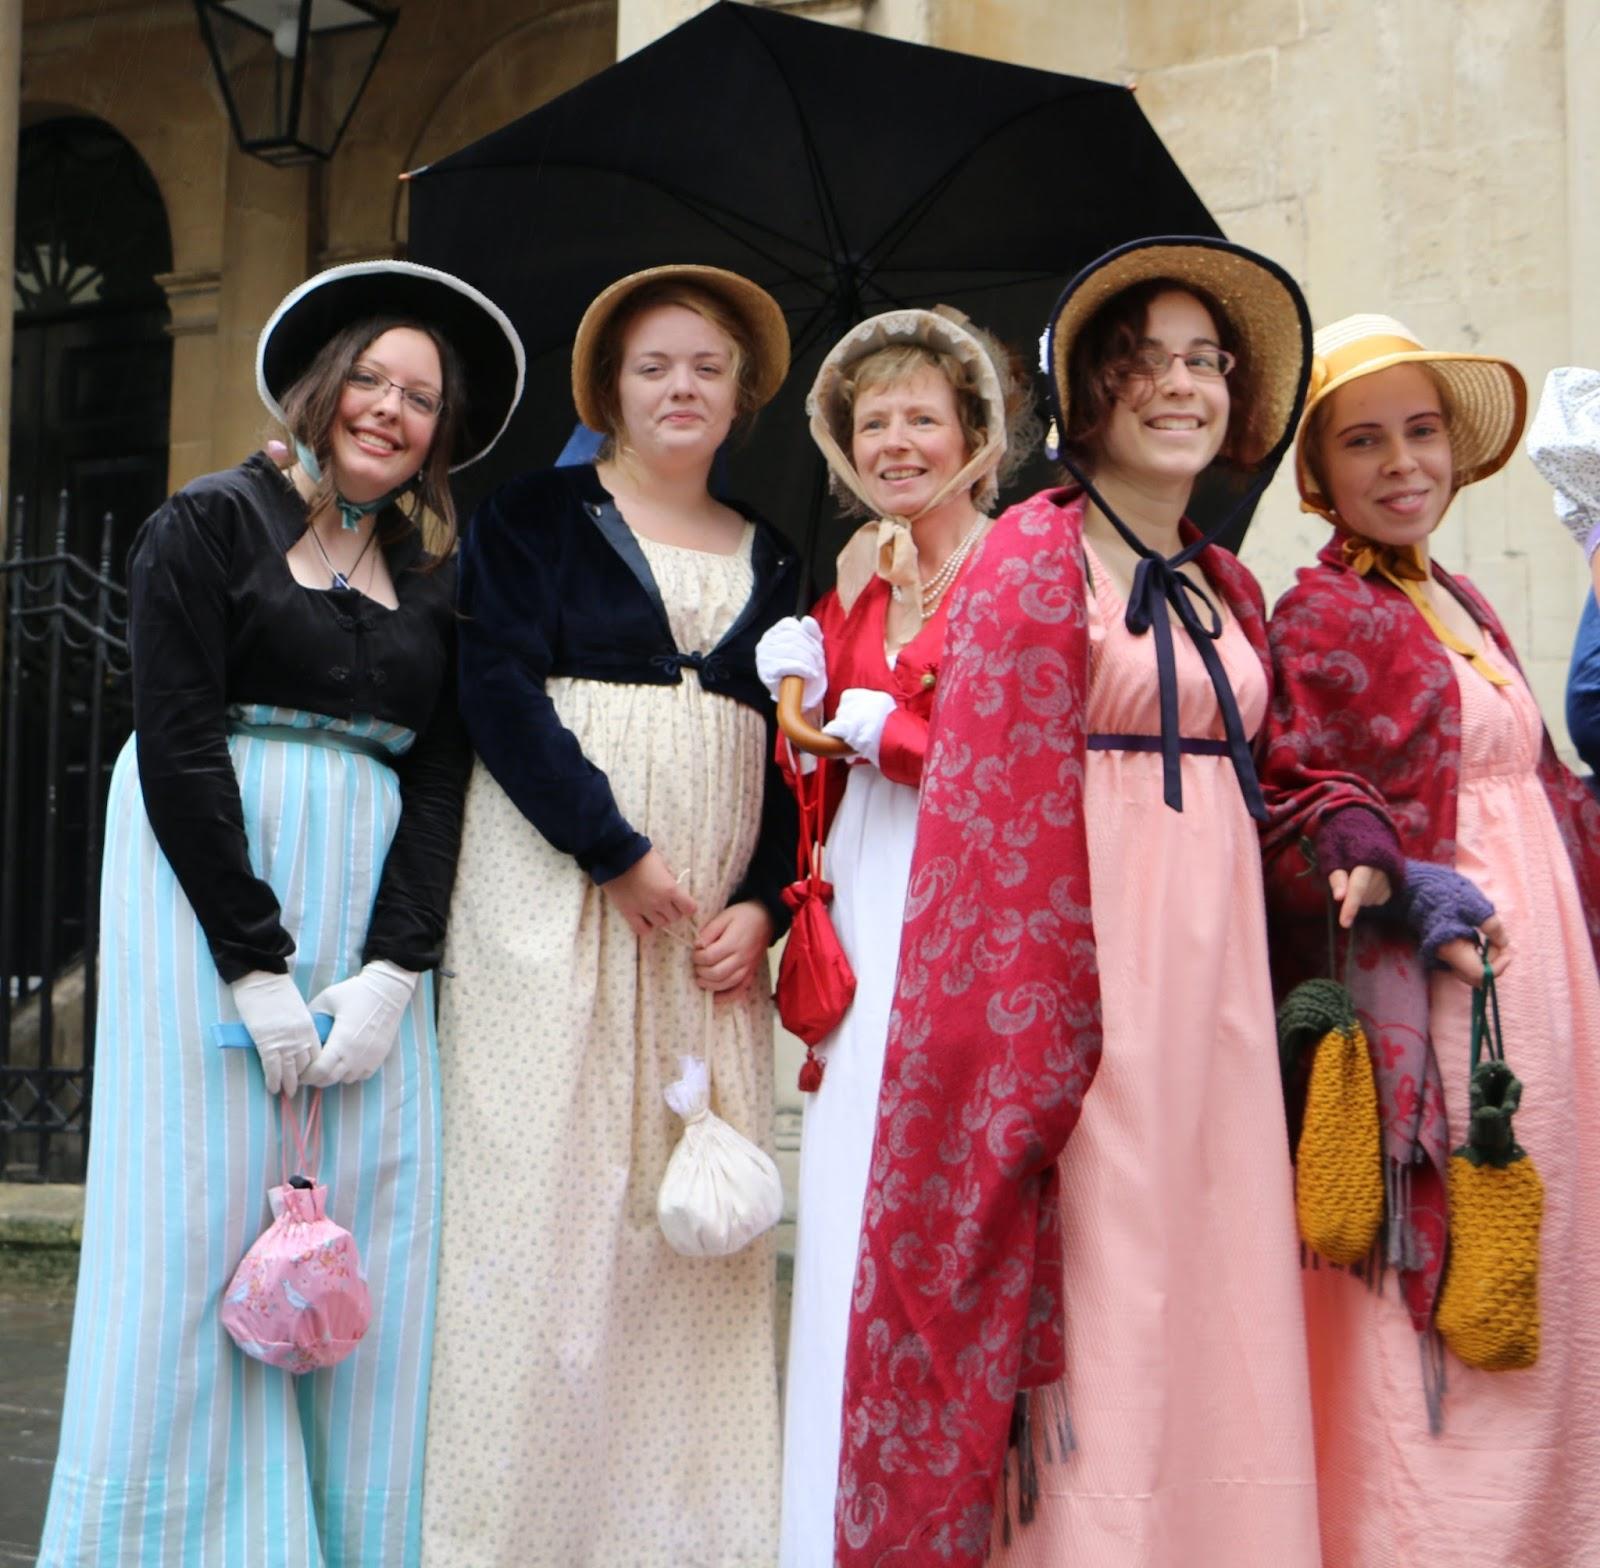 Regency: Regency History: Jane Austen Festival 2016 Regency